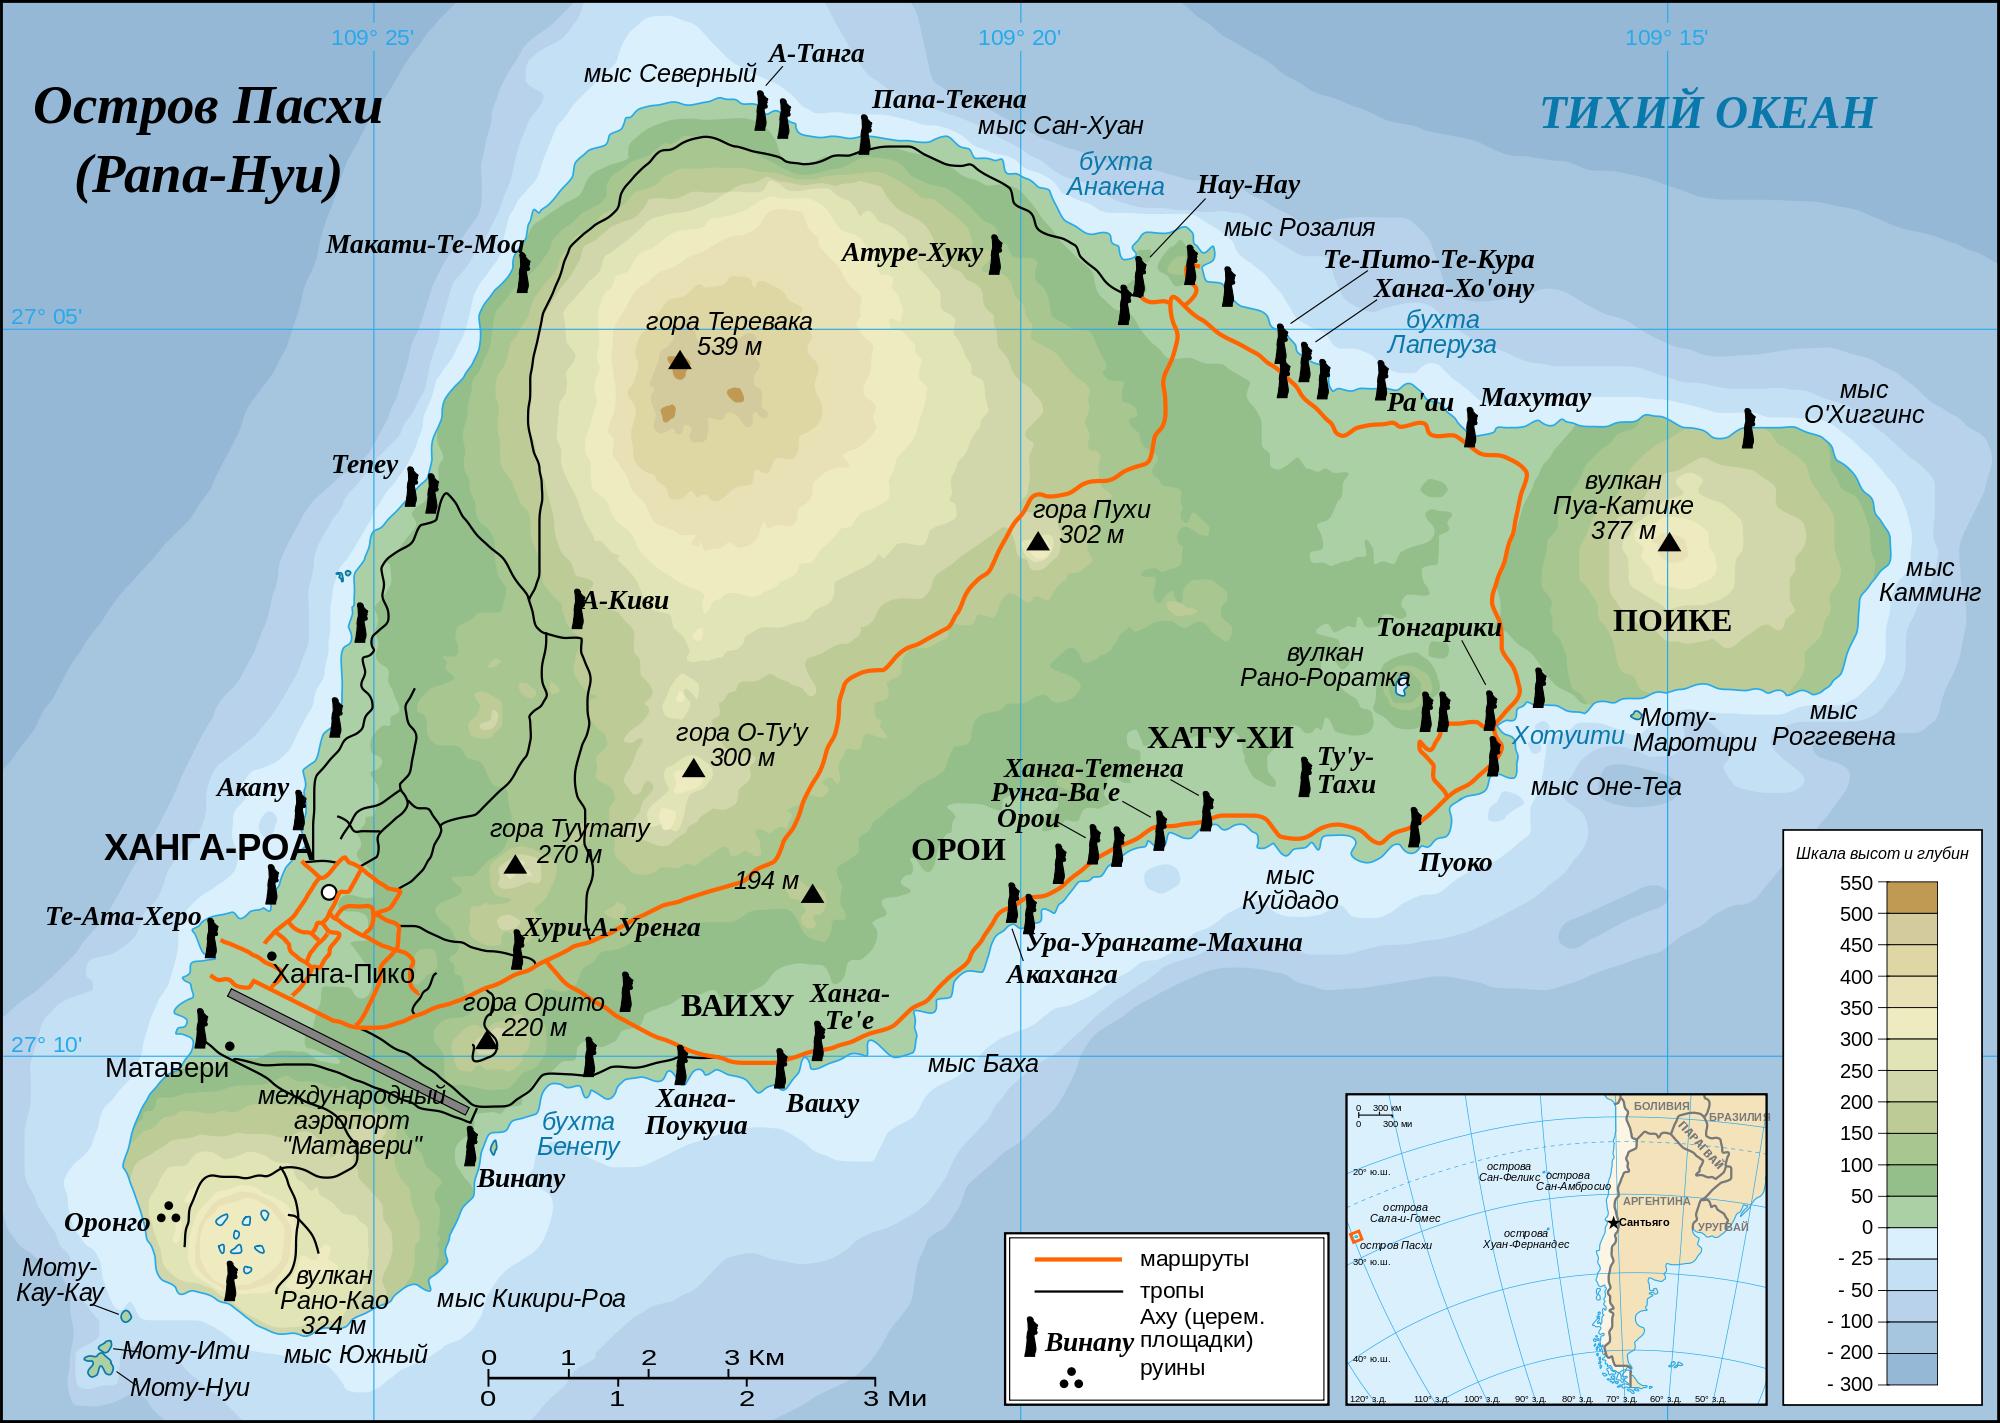 Карта о. Пасхи